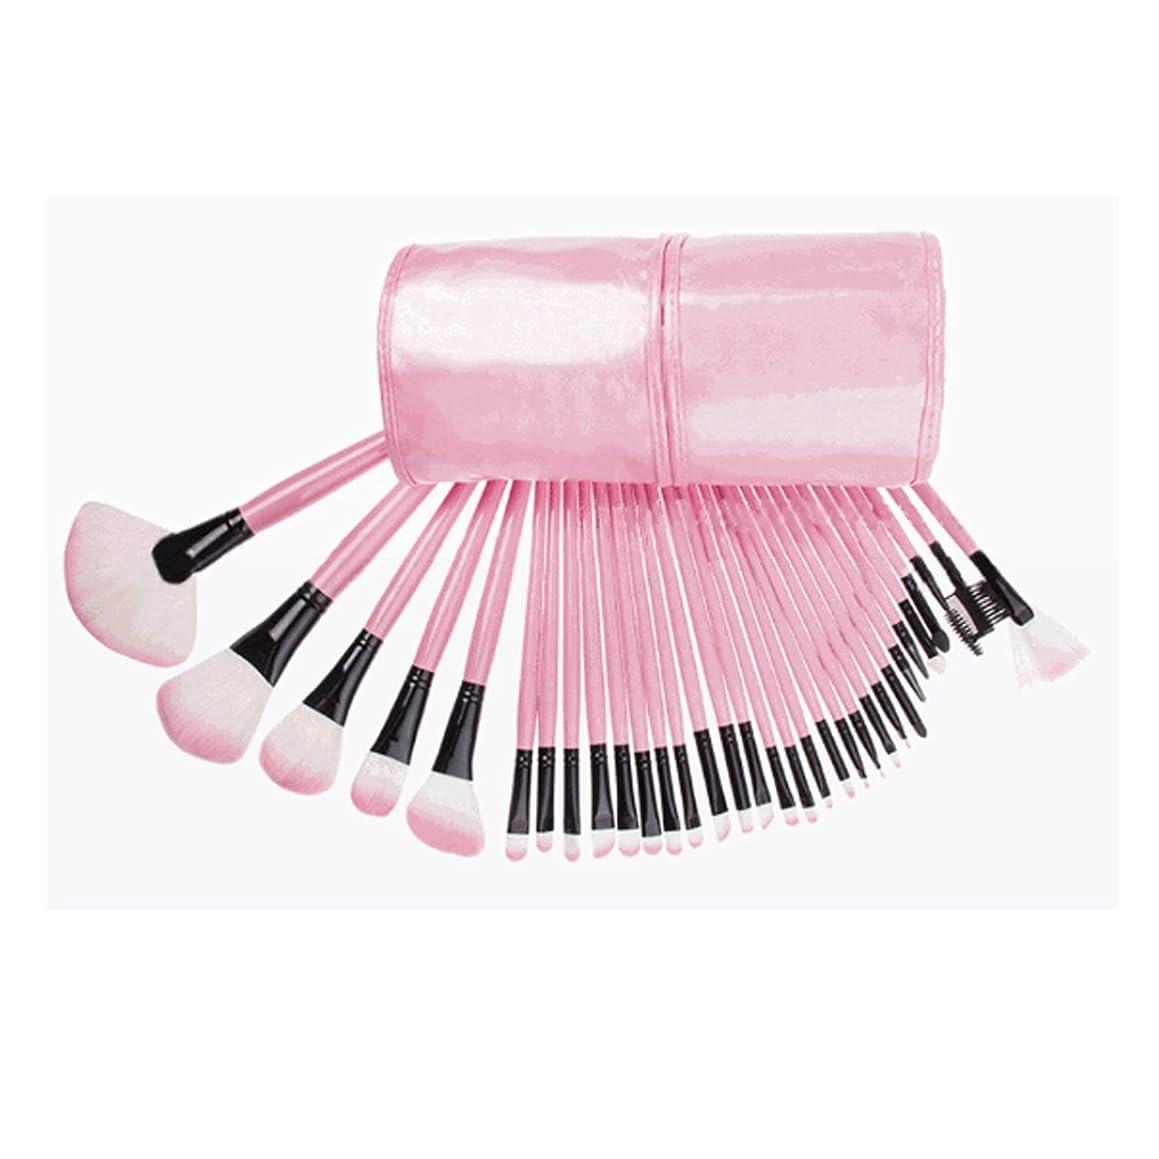 日うがいラッドヤードキップリングMR.shop 高級化粧ブラシセット メイクブラシセット 可愛いお洒落な専用収納ケース付き32本セット